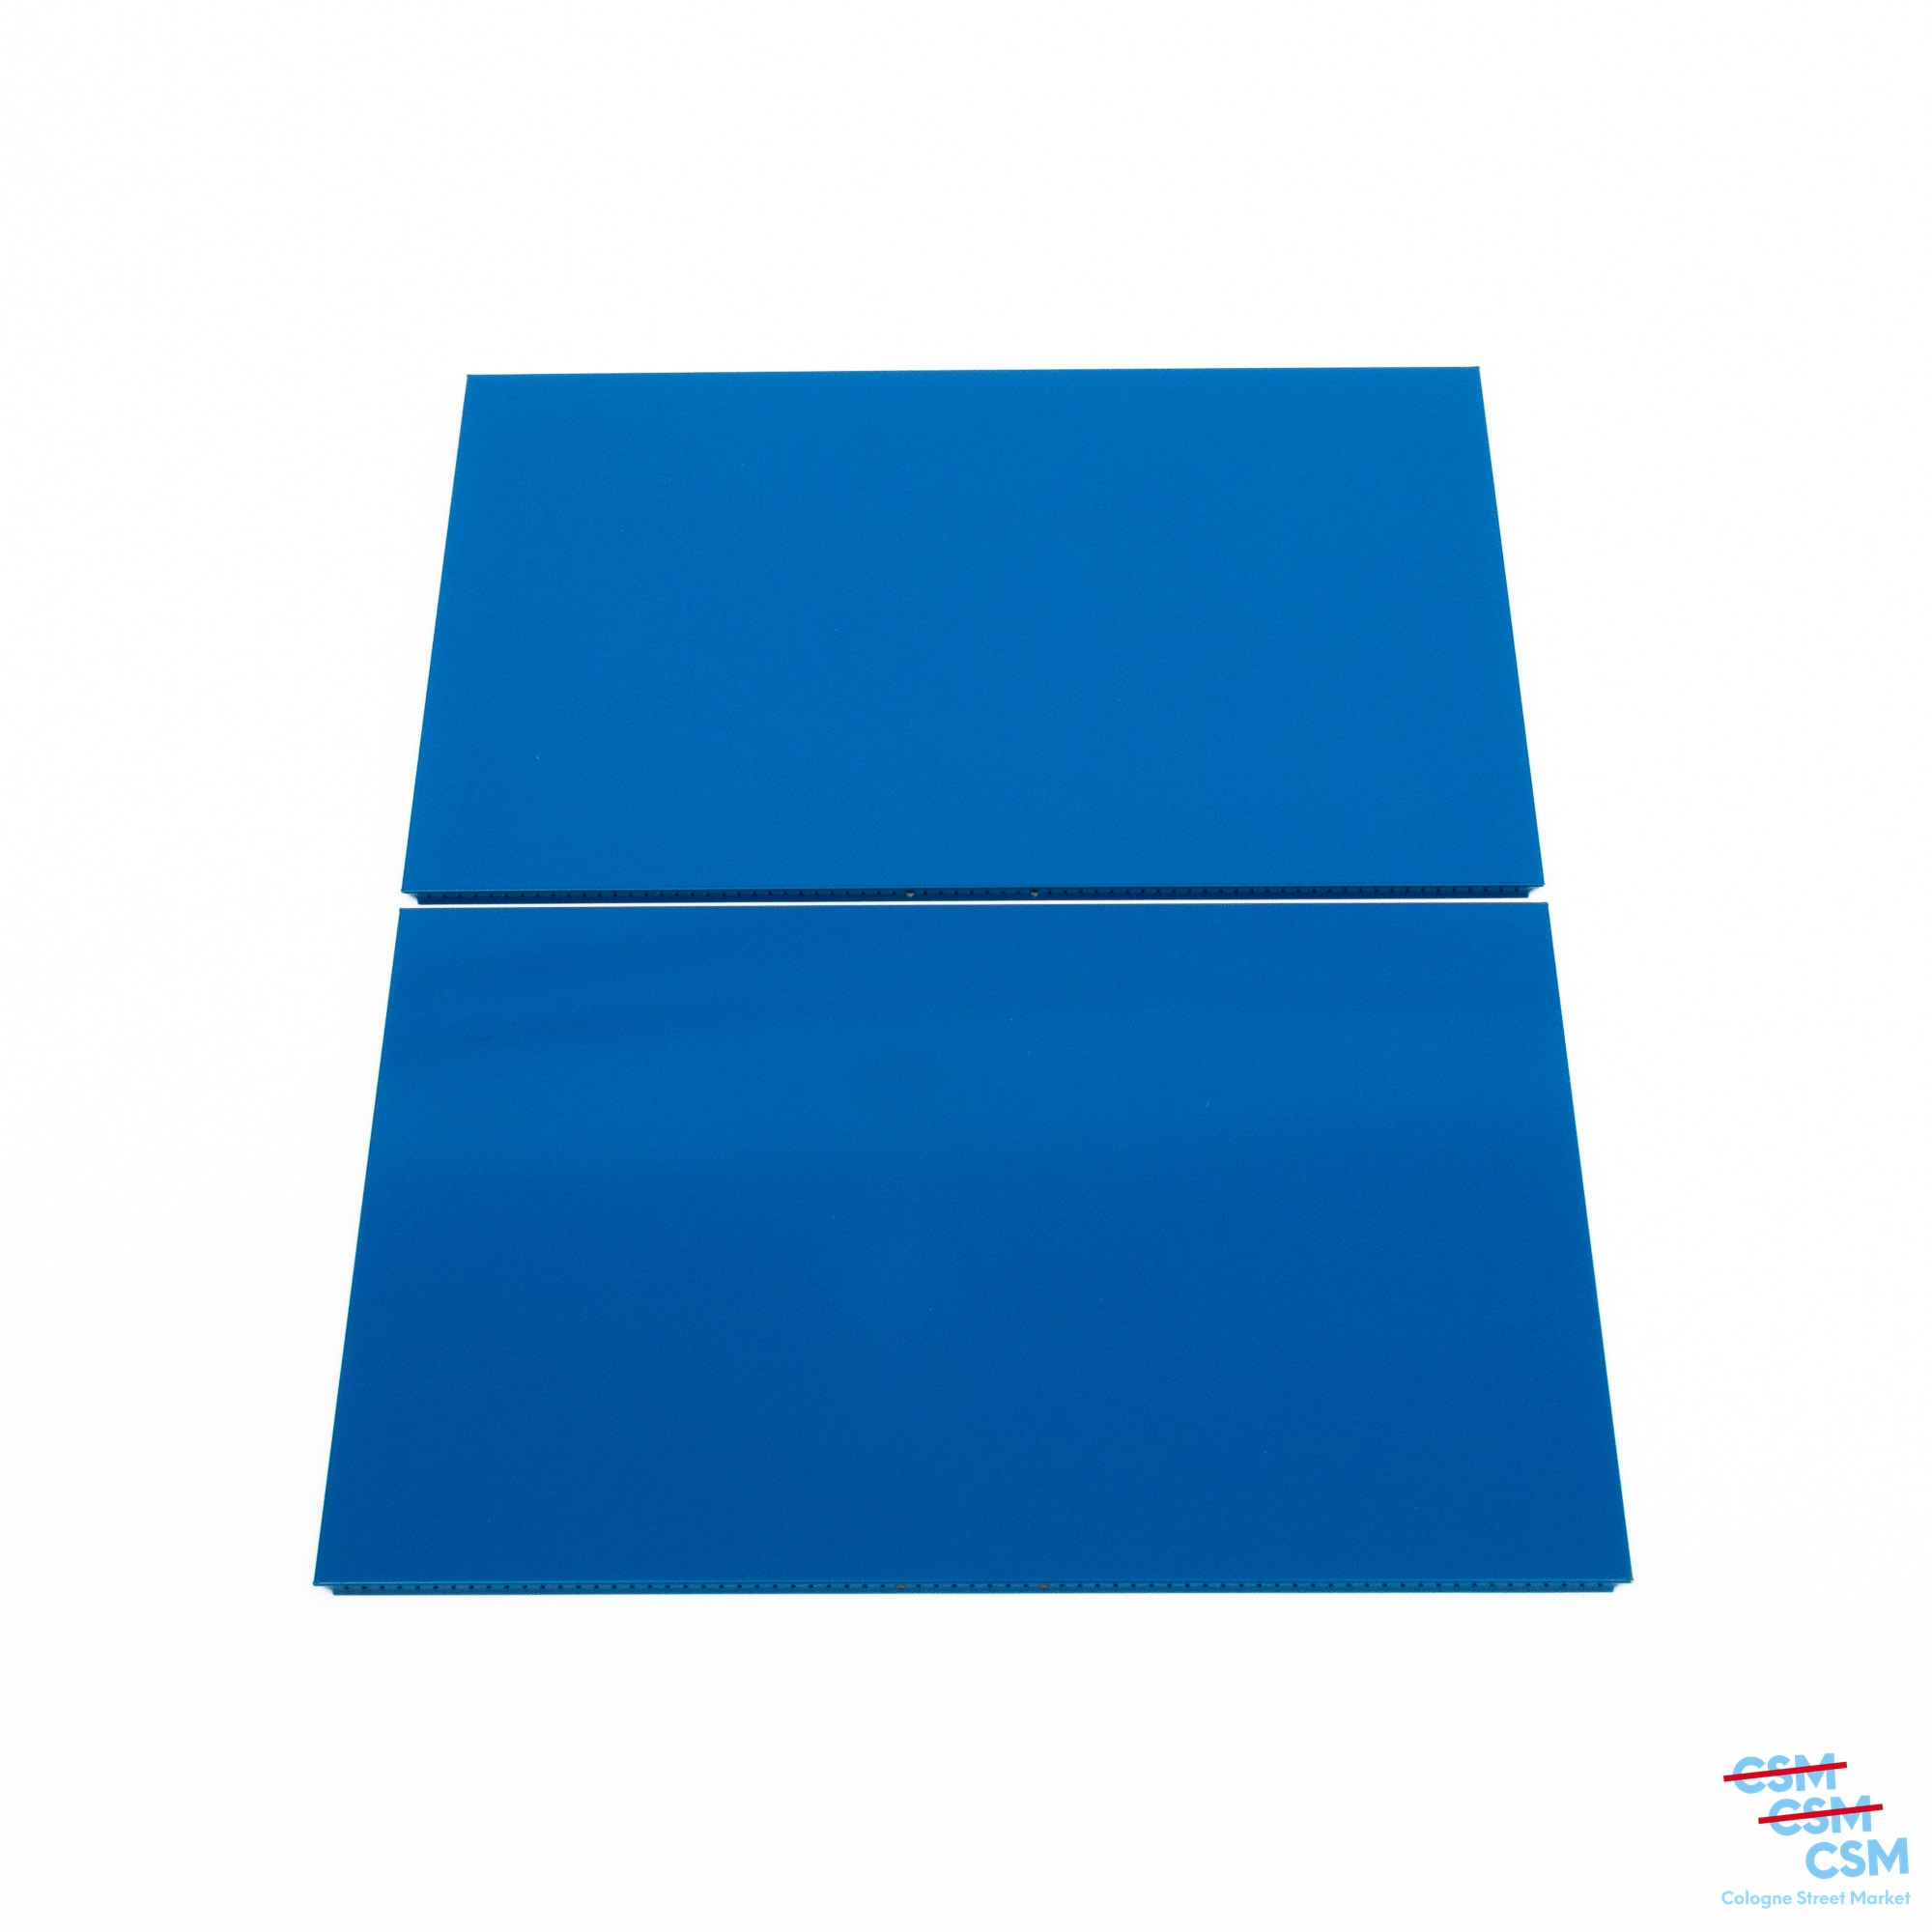 2er Paket USM Haller Tablar 75x50 Enzianblau gebraucht 1